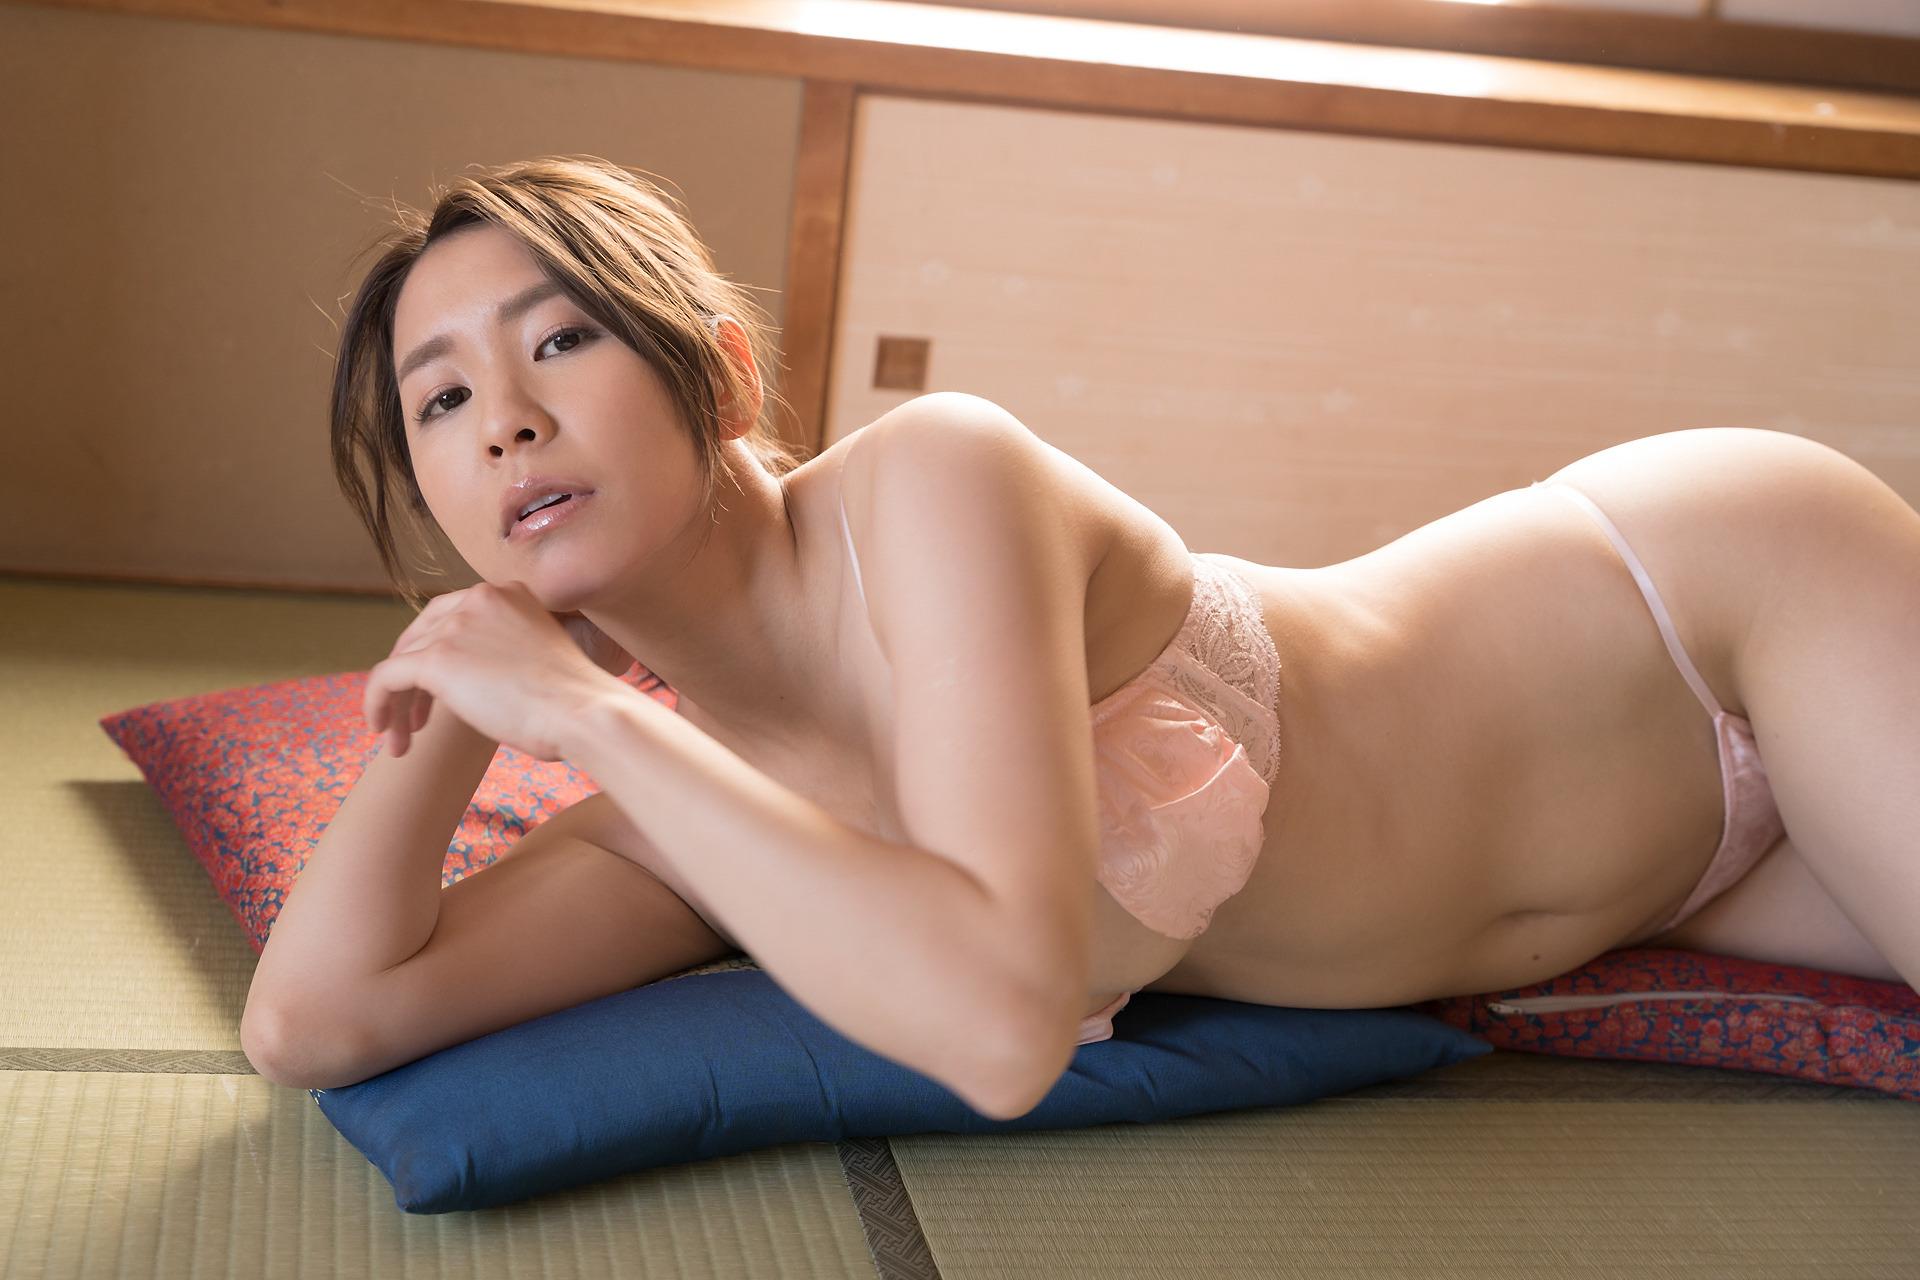 夏来唯 Yui Natsuki -27.jpg